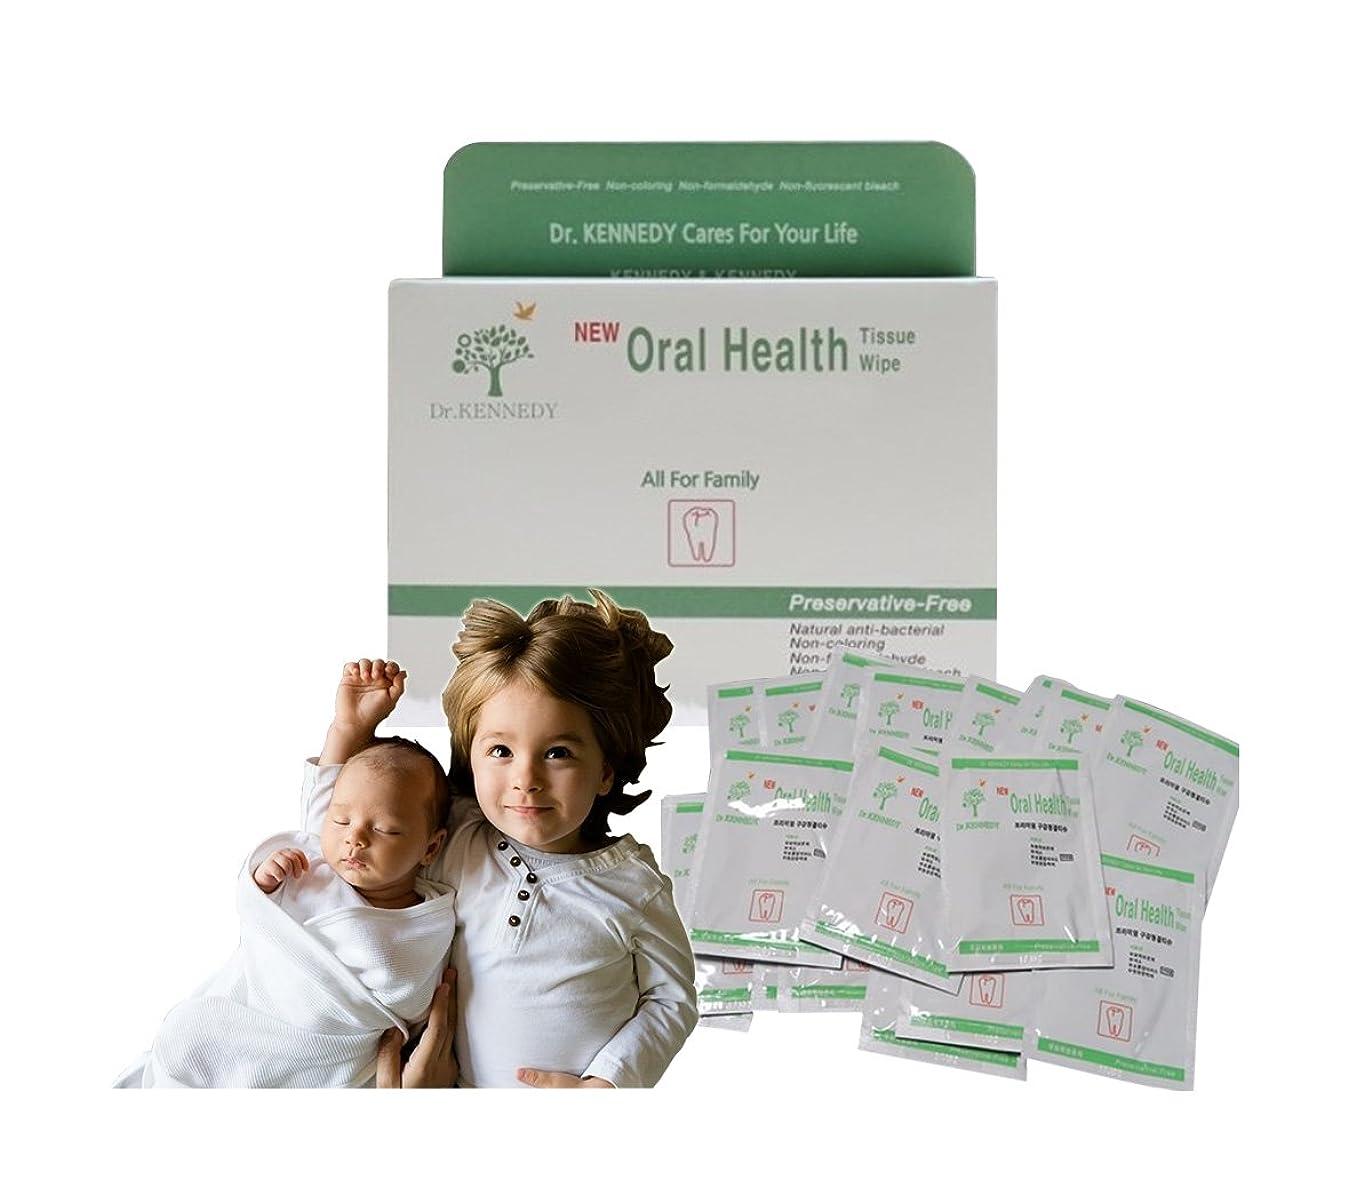 地域の九財産50枚 ベビーケアデンタルケア 安全 成分 歯磨き代用 幼兒 乳歯 口腔健康 Cotton ティッシュぺーパー 並行輸入